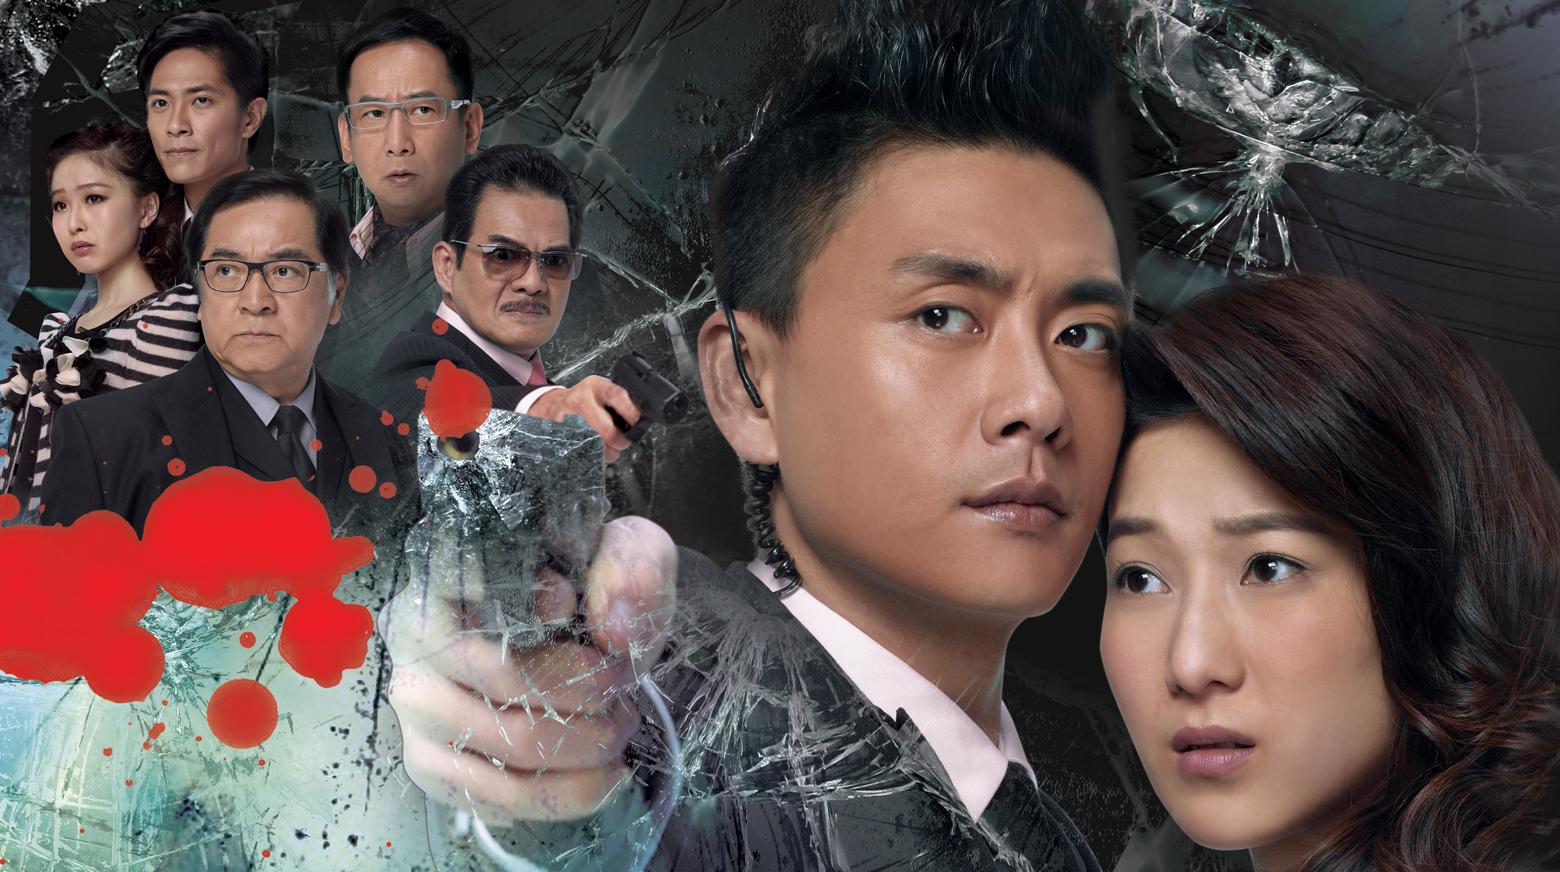 tvb hong kong movie free